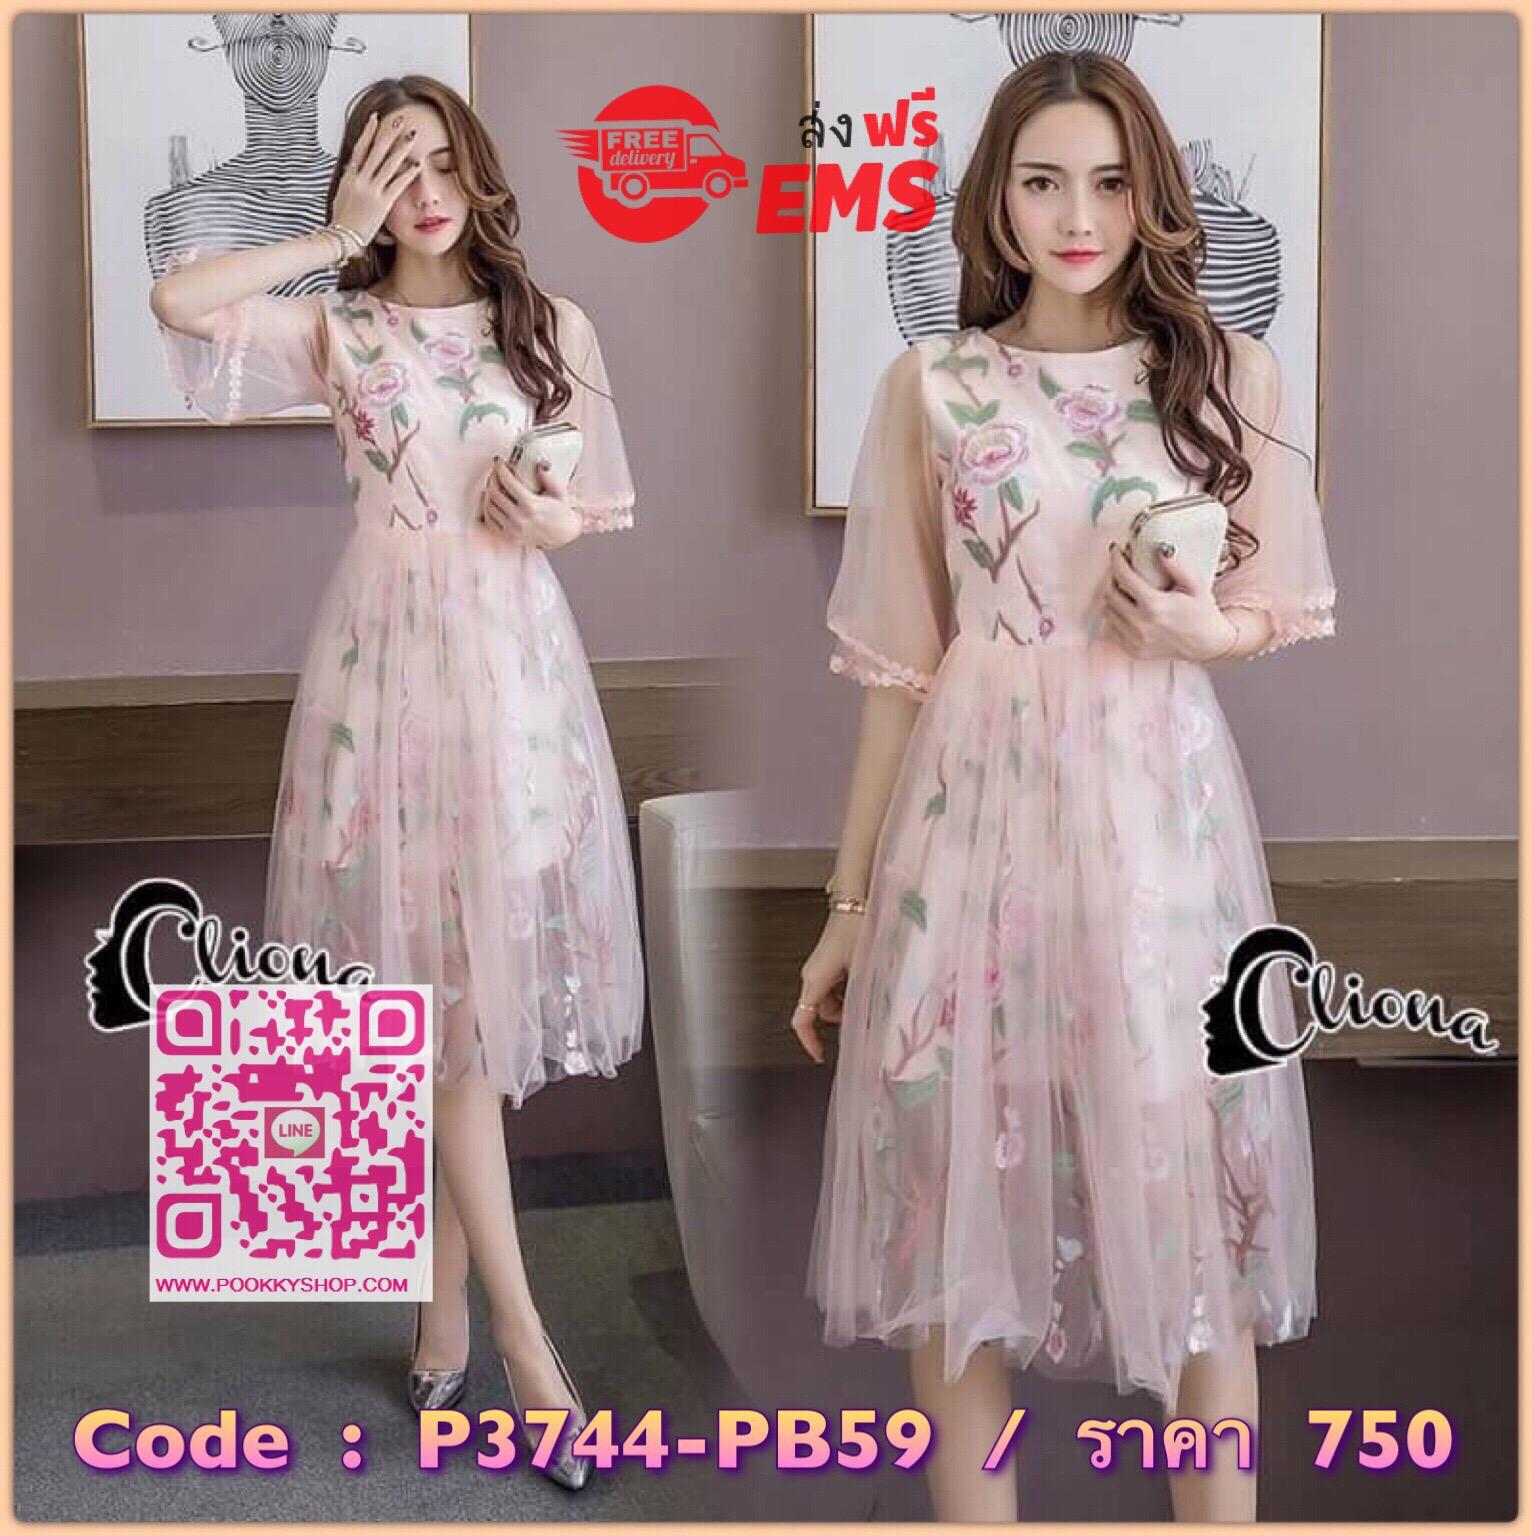 พร้อมส่ง Cliona made Sakura Embroidered Summer Dress สวยหรูตบแต่งด้วยงานปัก อย่างละเอียด มาในโทนสีโน้ด แขนระบายซีทรู สองชั้น ปลายแขน แต่งด้วยลูกไม้อย่างแน่น ผ้ามุ้งด้านนอกทั้งชุดสวยหรู น่ารัก มากๆจ้า สวมใส่ง่ายซิปด้านข้างเหมาะกับสาวสวยสาวหวานไม่ควรพลาด ใส